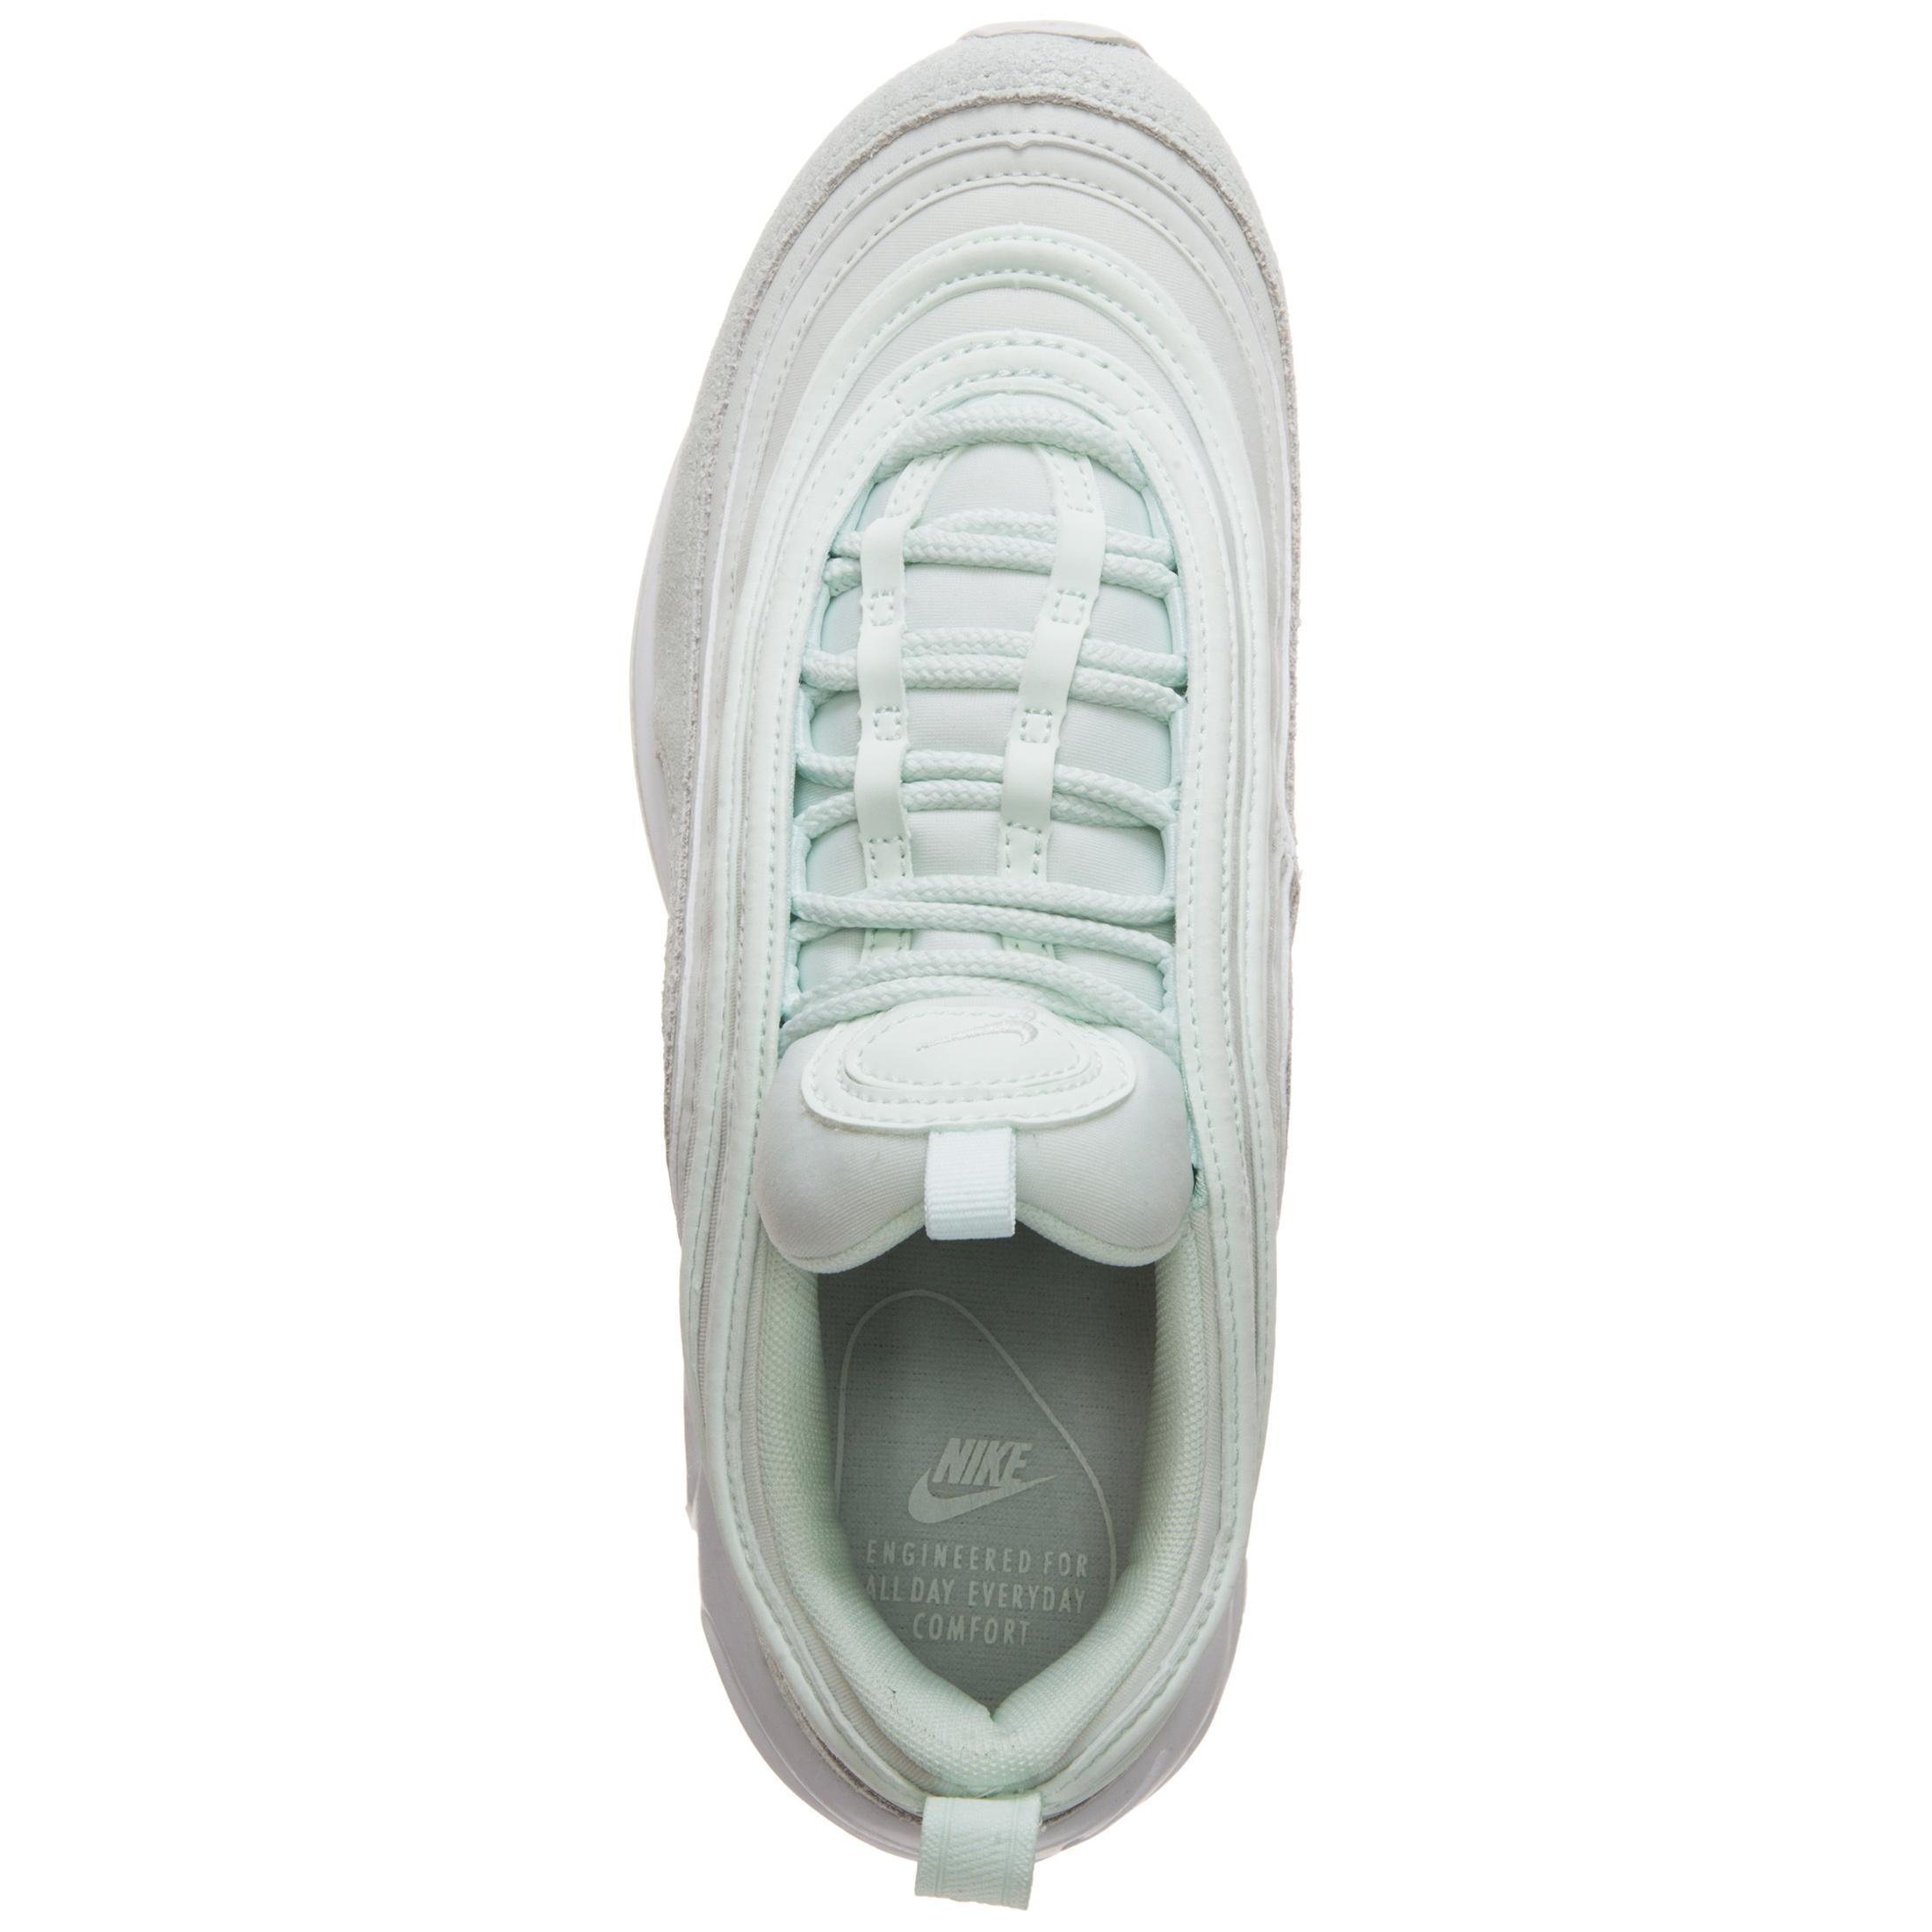 Nike Air Max 97 Premium Turnschuhe Damen Damen Damen mint im Online Shop von SportScheck kaufen Gute Qualität beliebte Schuhe b3f759